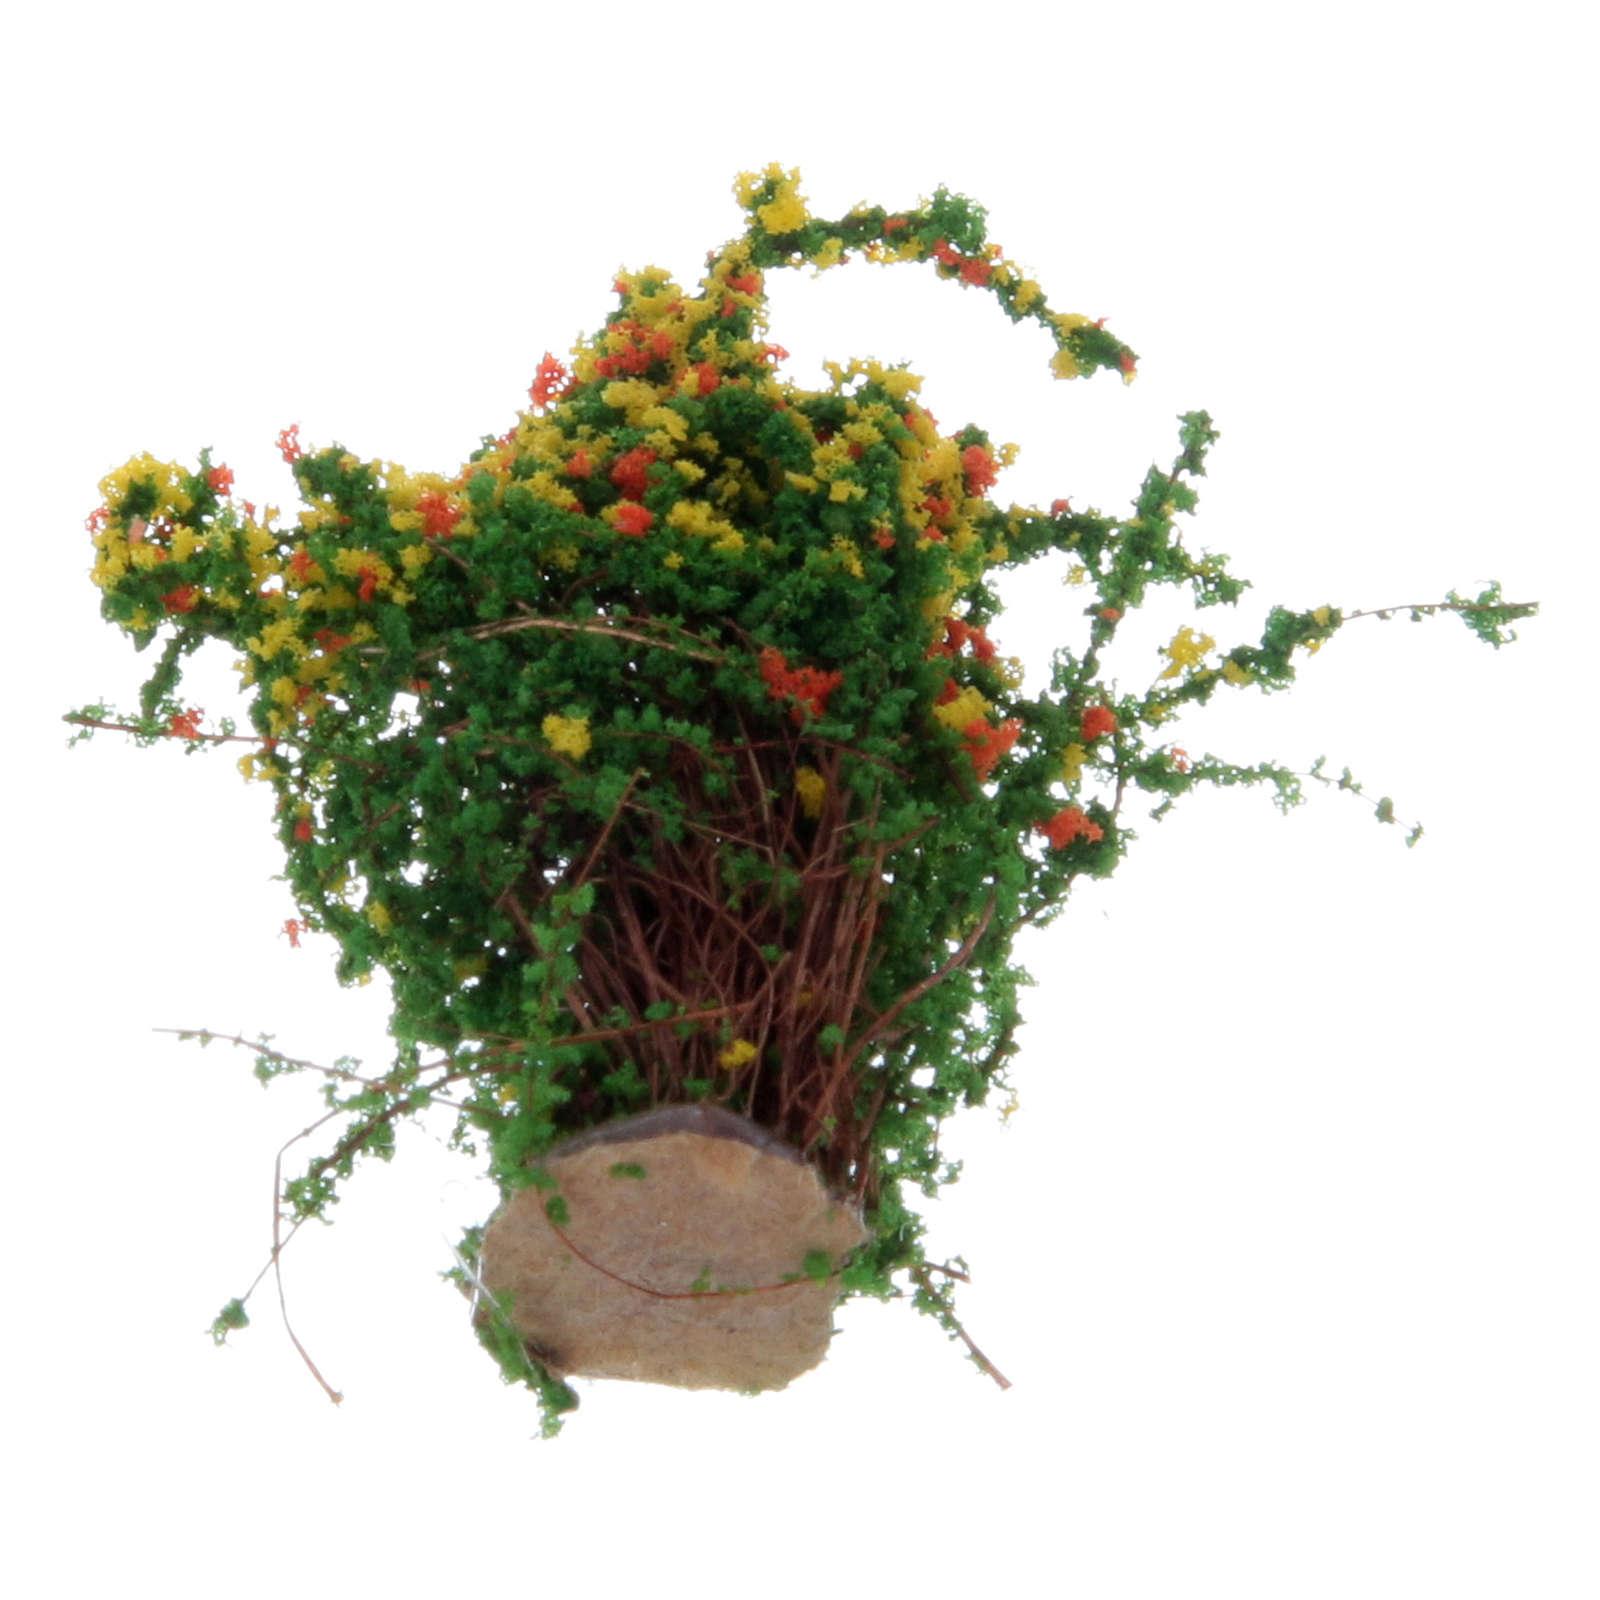 Cespuglio fiorito per presepe altezza reale 3,5 cm 4